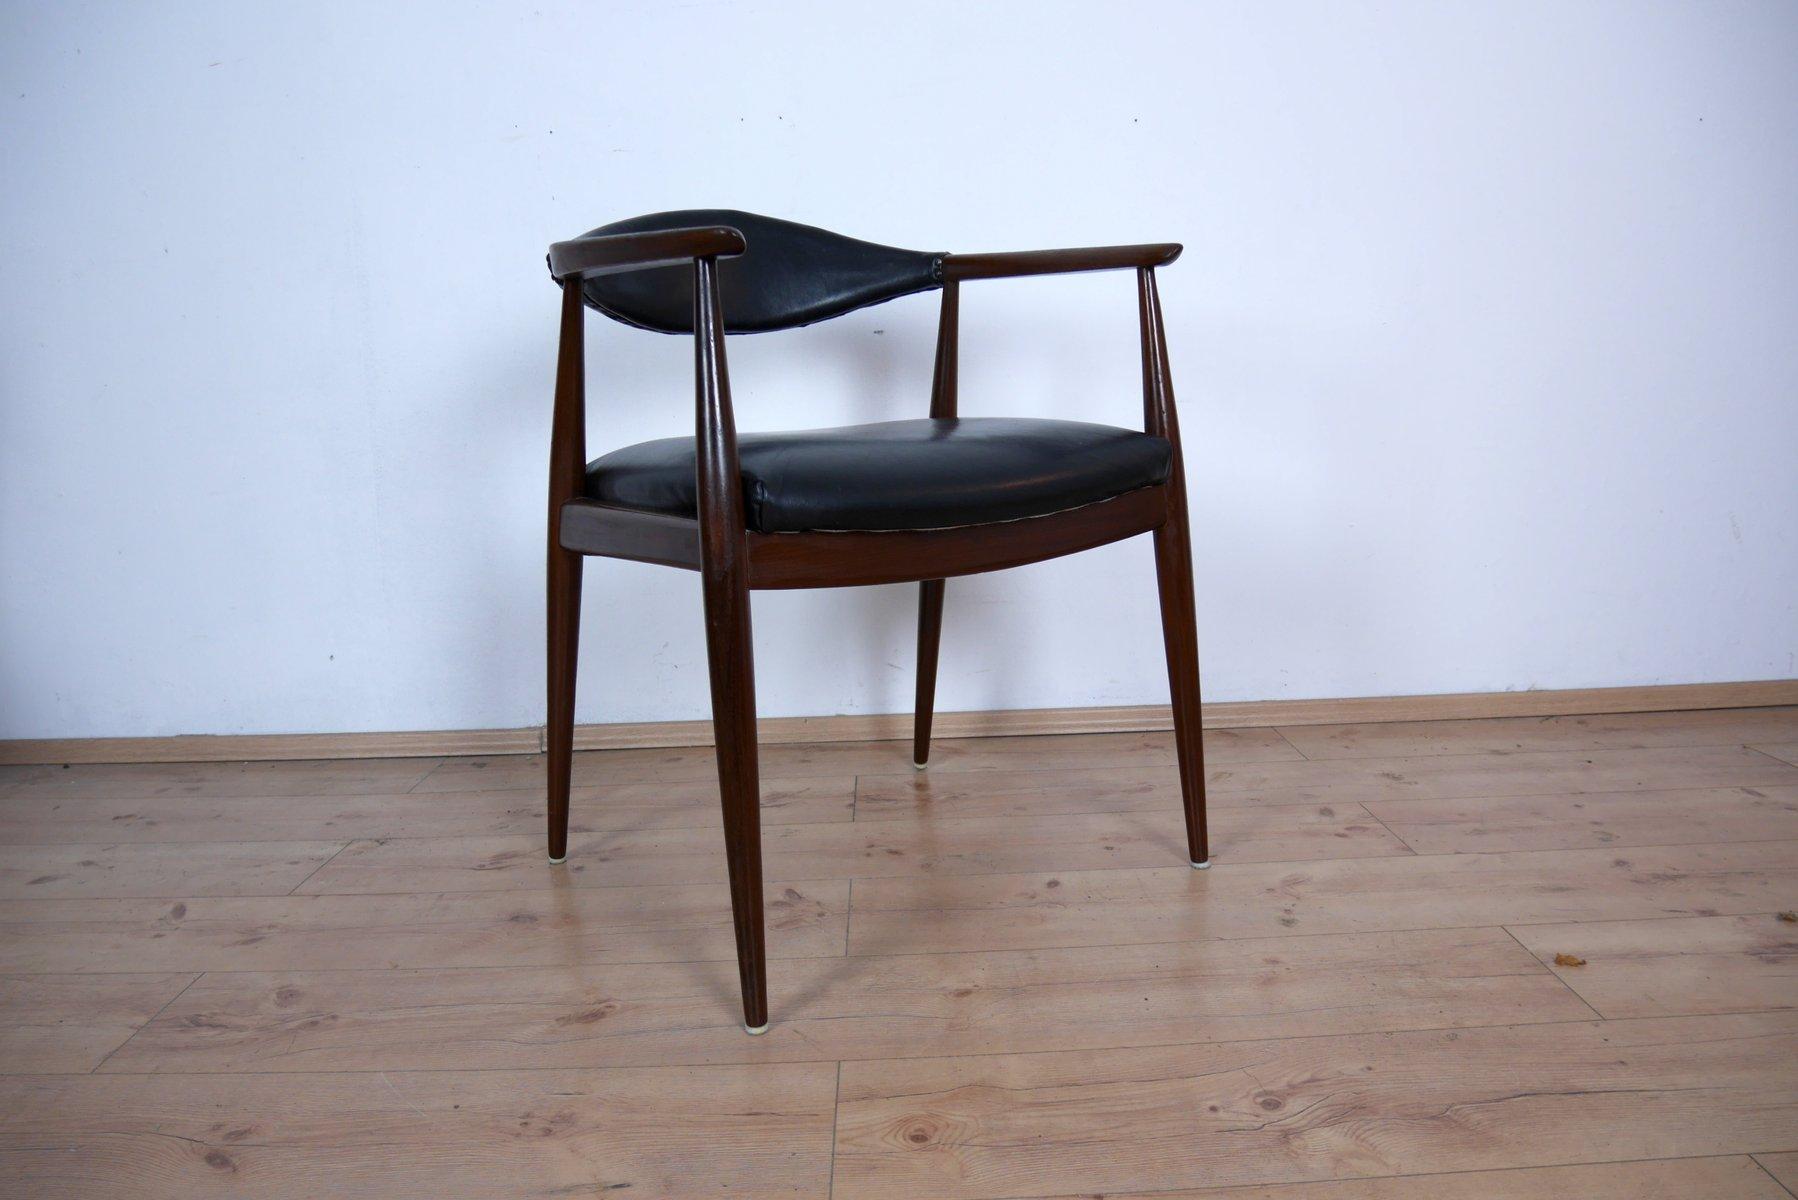 schreibtischstuhl aus teak und leder von casala 1960er. Black Bedroom Furniture Sets. Home Design Ideas